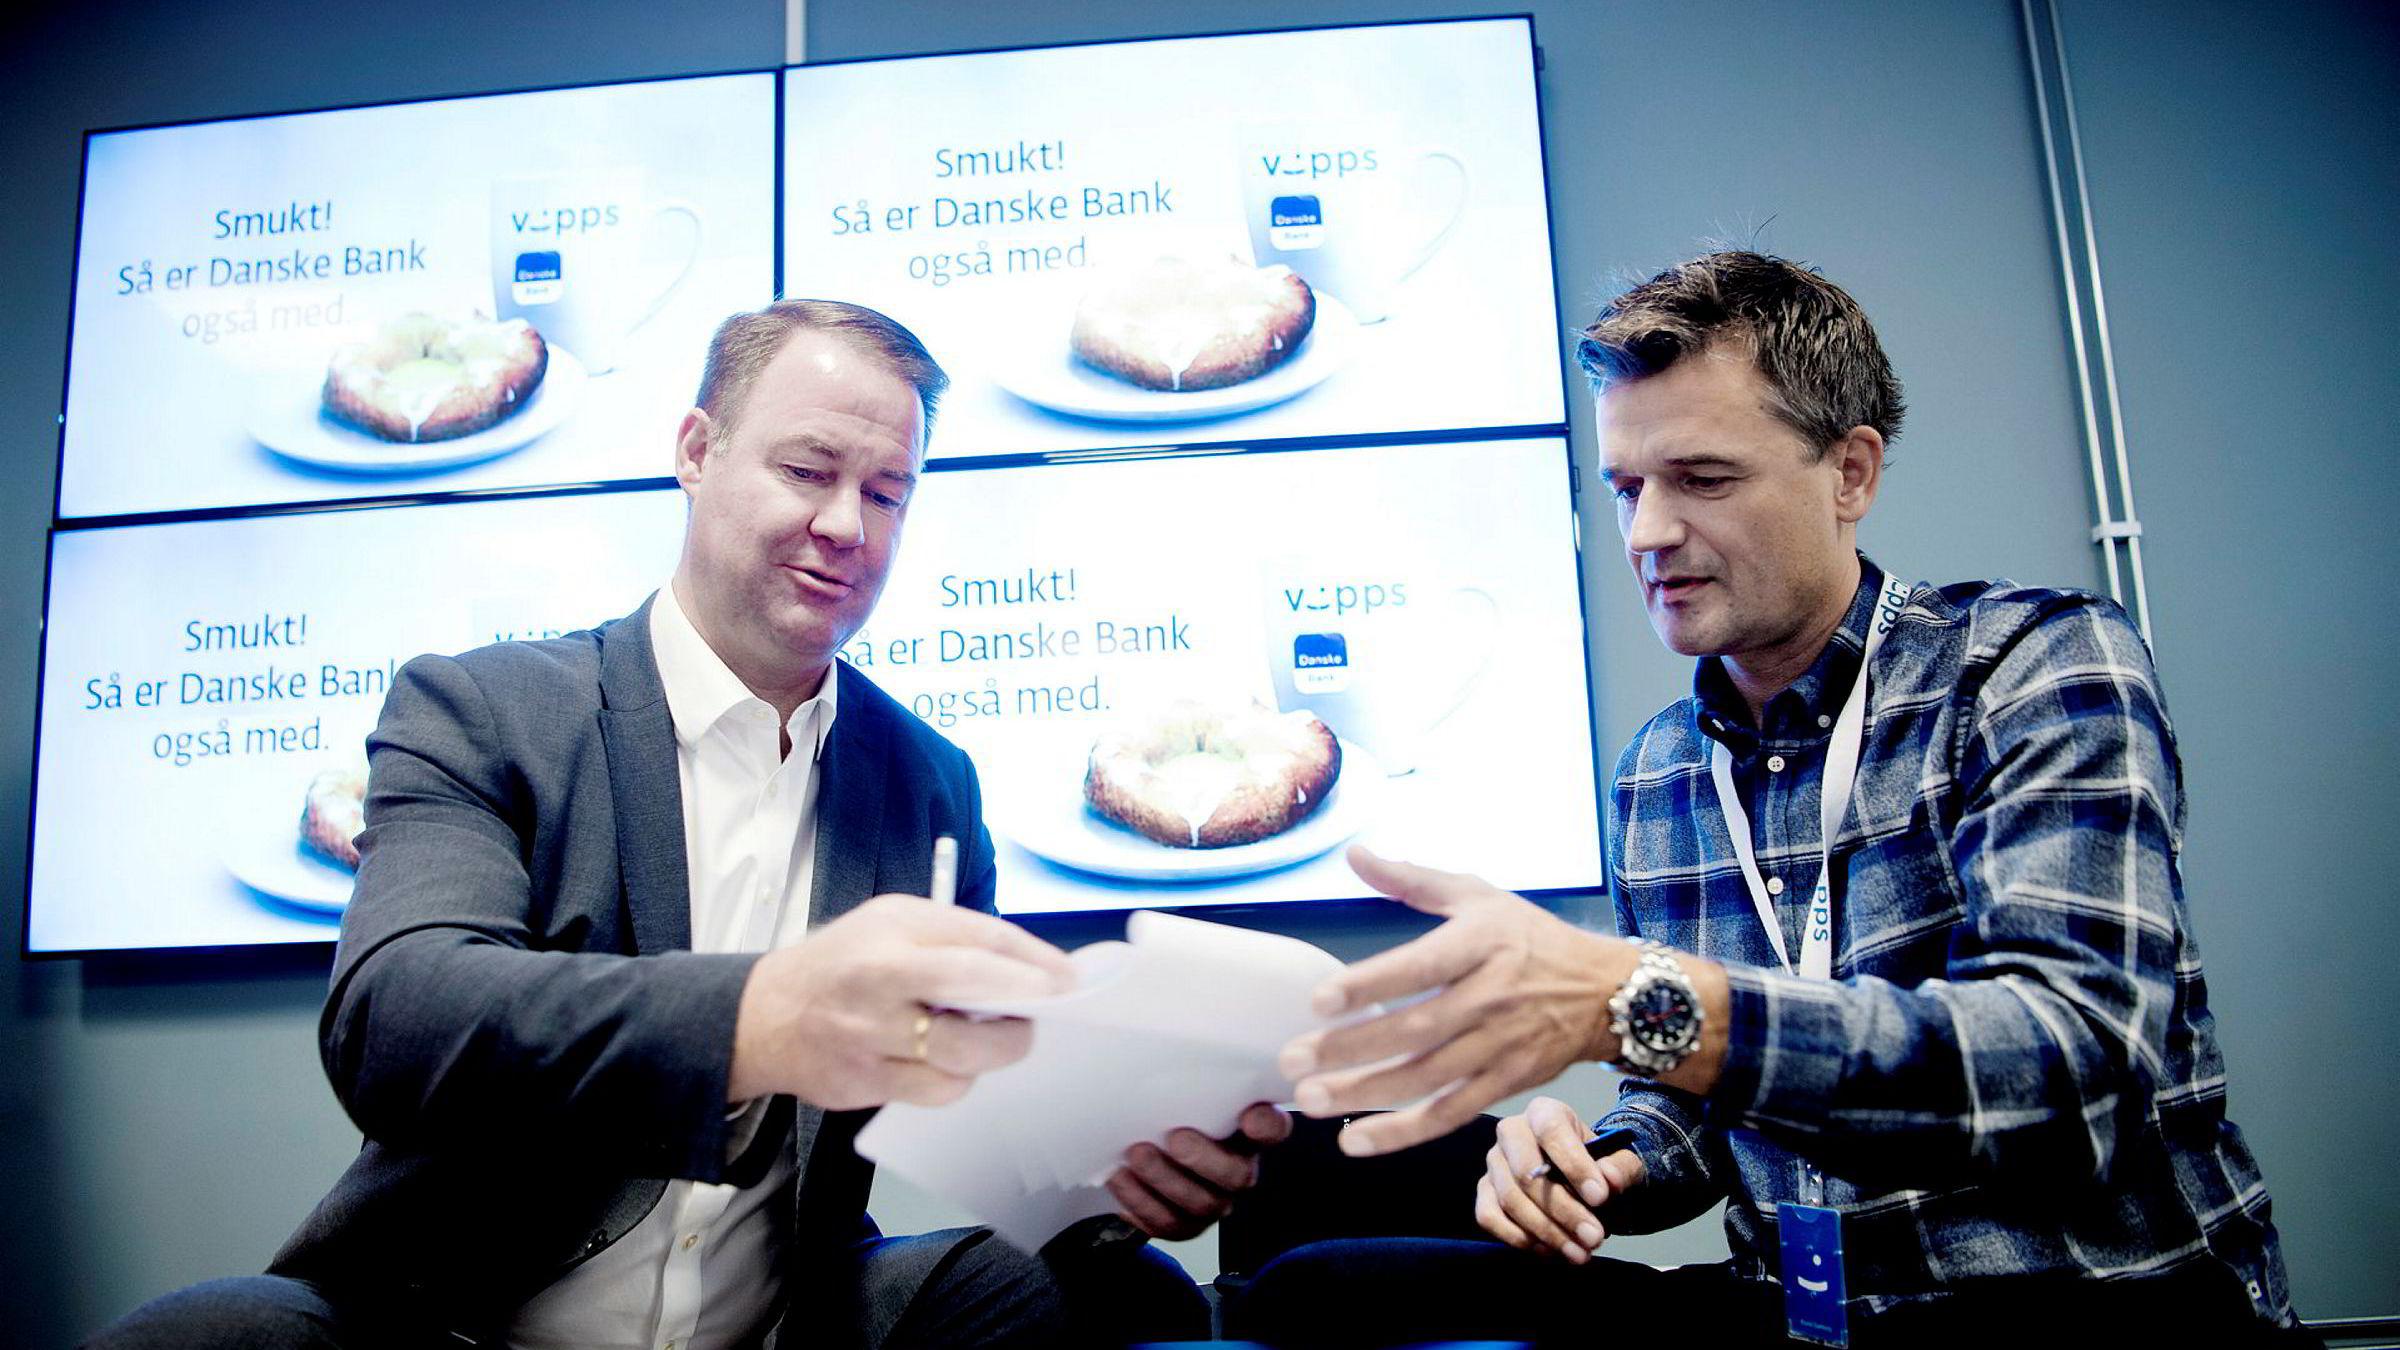 Smukt! Trond Mellingsæter (til venstre), sjef i Danske Bank, og Vipps-sjef Rune Garborg signerte samarbeidsavtale fredag. Inntil da har de vært heftige konkurrenter på markedet for mobilbetaling.